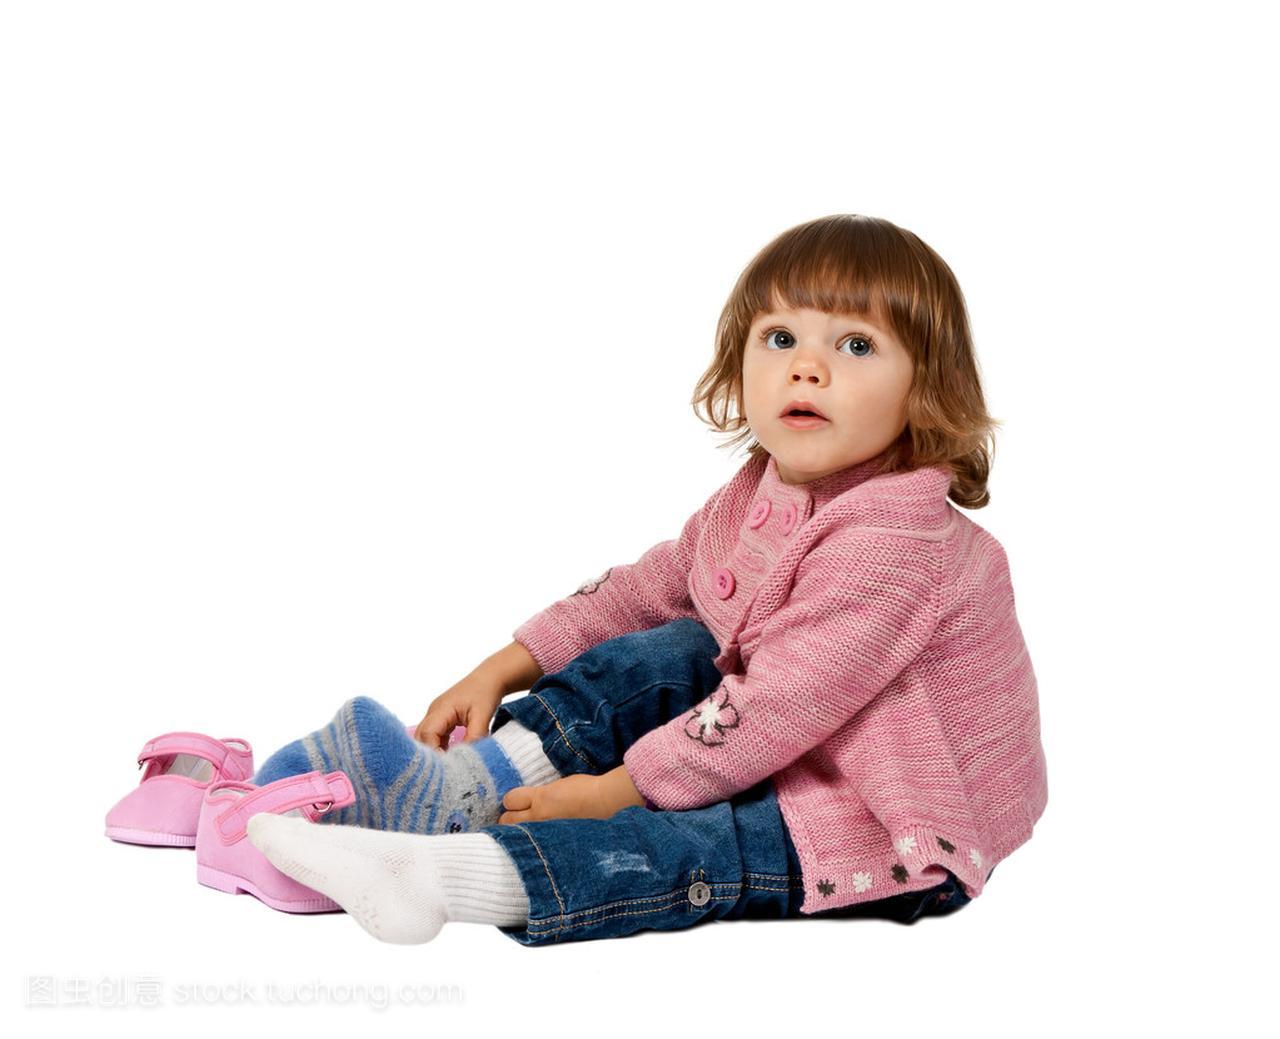 小女孩穿鞋地板白色上发型小女短生图片